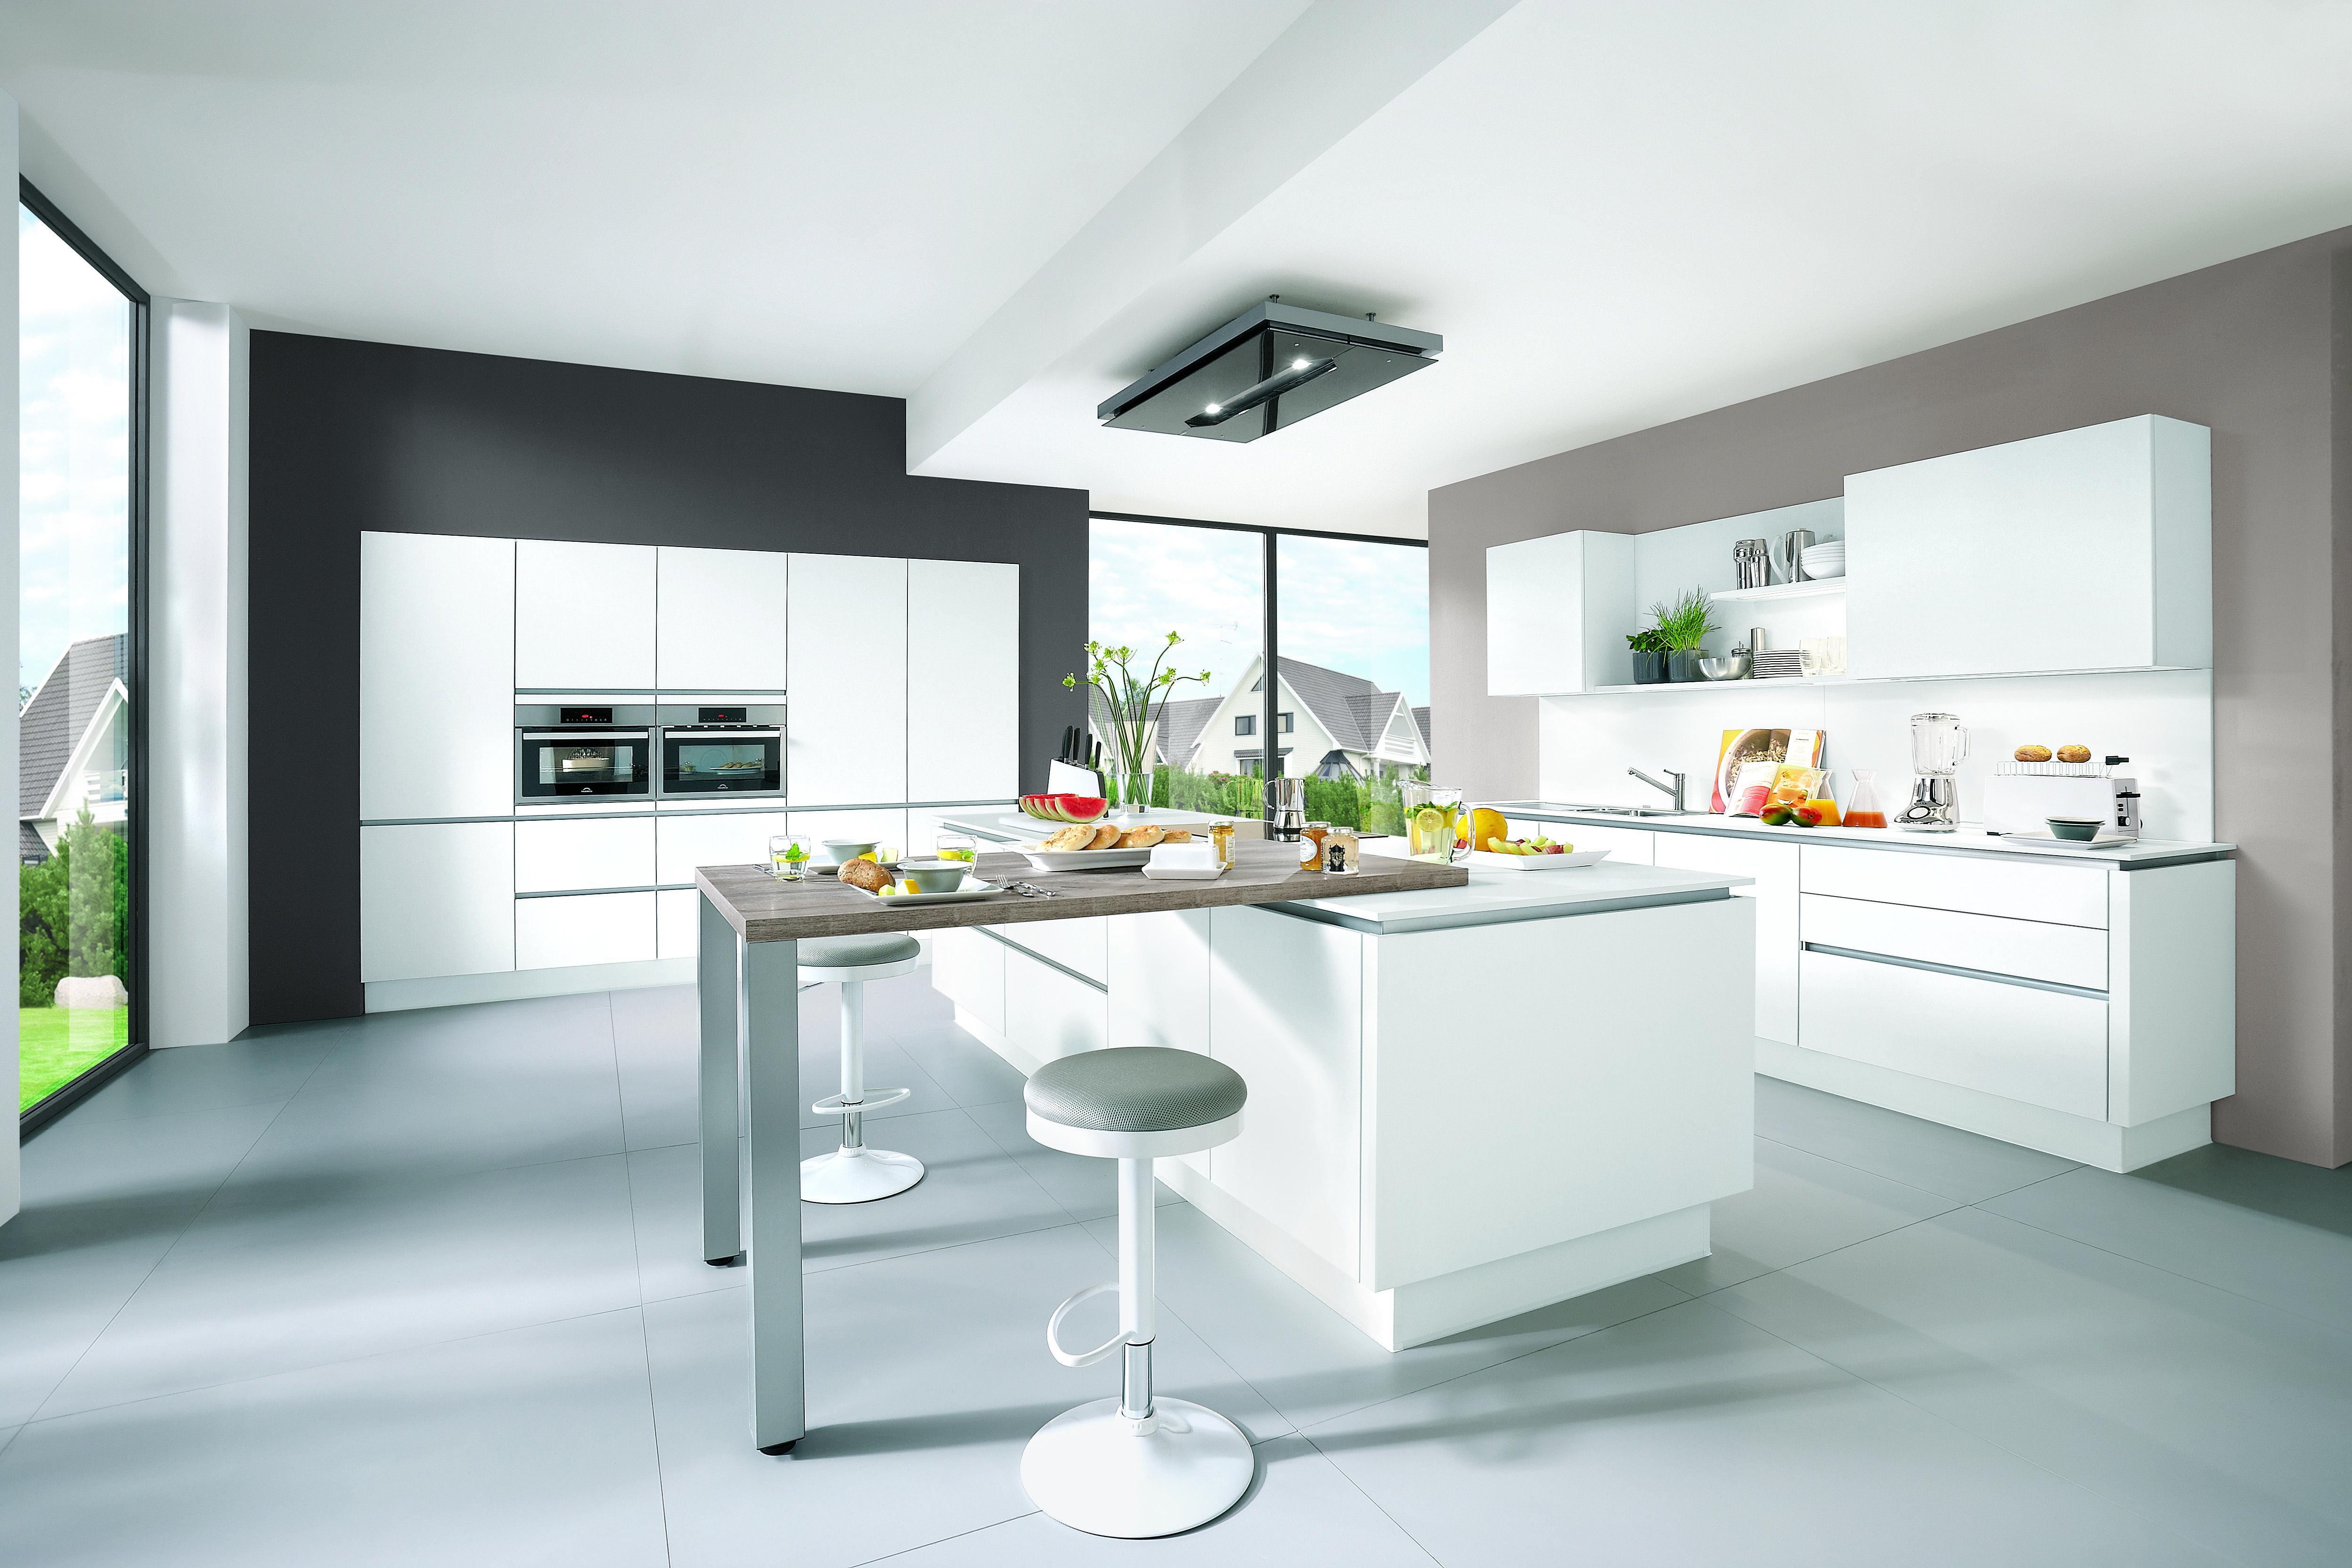 Ungewöhnlich Küchendesign 2014 Irland Bilder - Ideen Für Die Küche ...